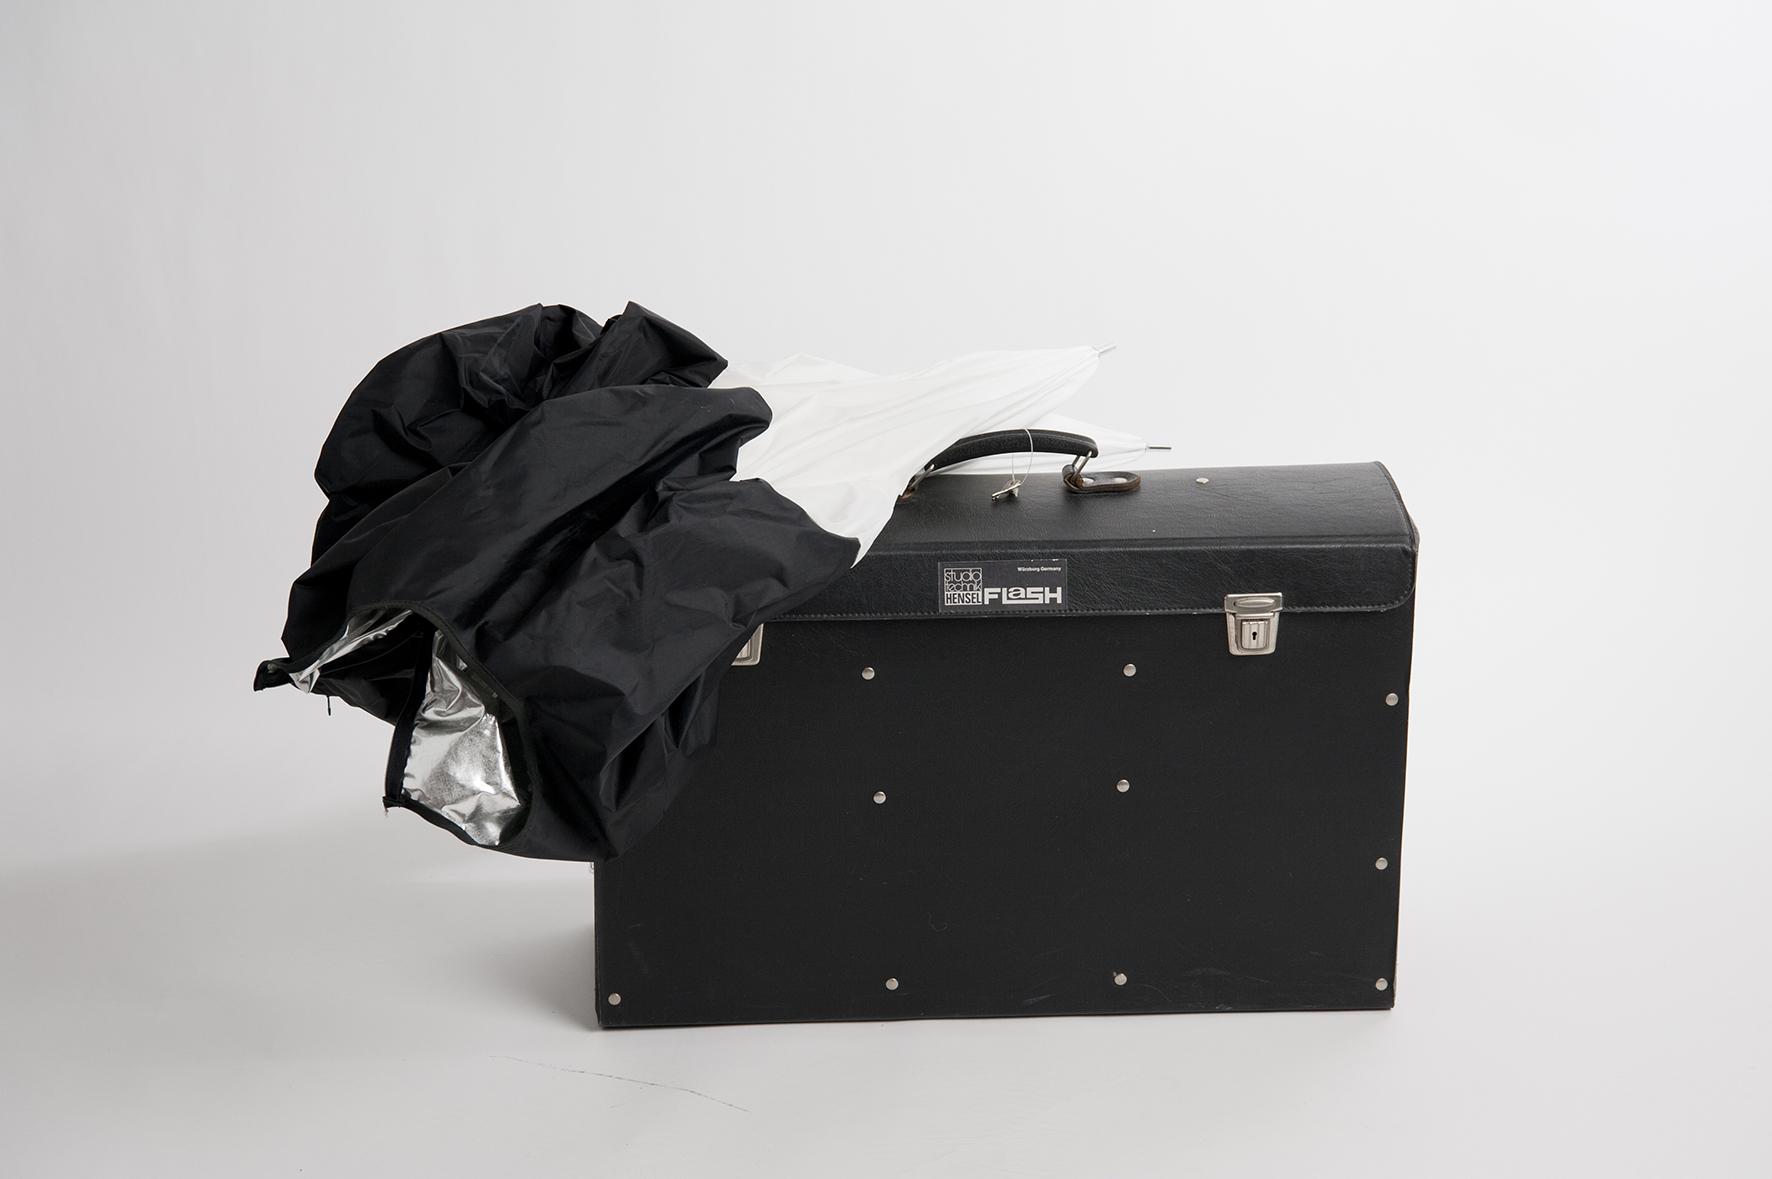 Büro & Schreibwaren Suche Nach FlüGen Messenger-bag My Bag Of Magic Tricks 38 X 33 Cm Schwarz BüGeln Nicht